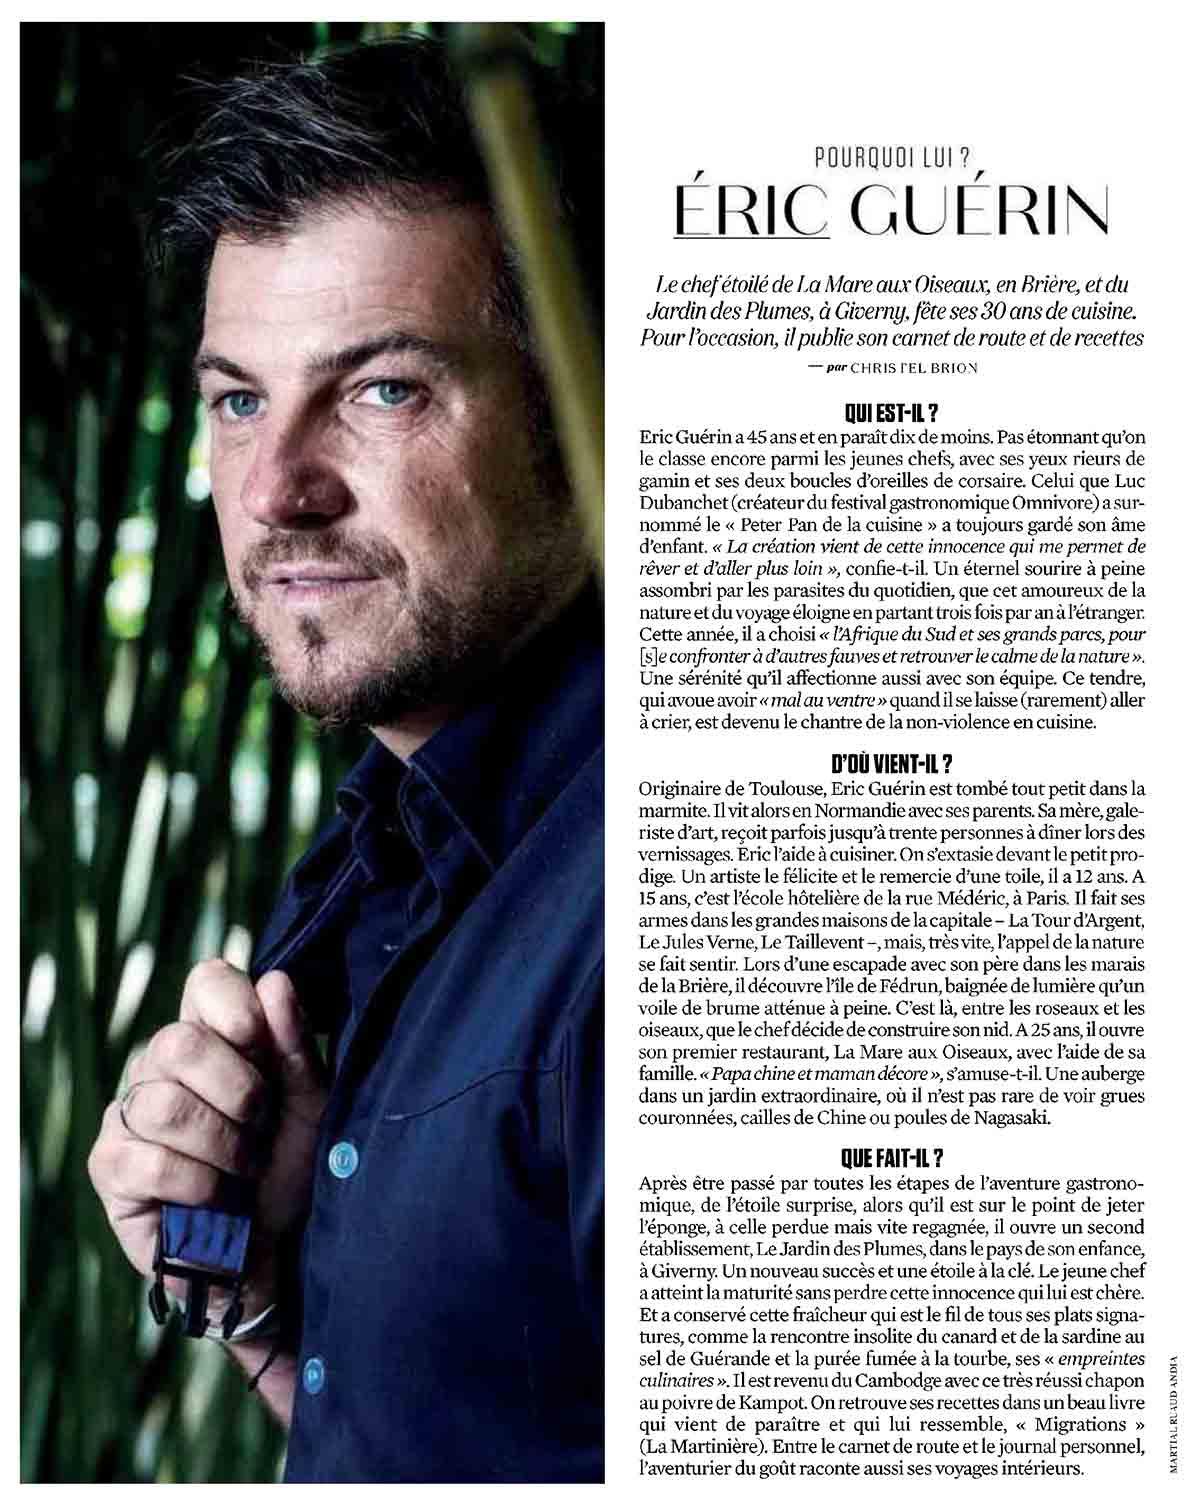 article consacré au chef Eric Guerin dans la magazine L'Obs du 5 novembre